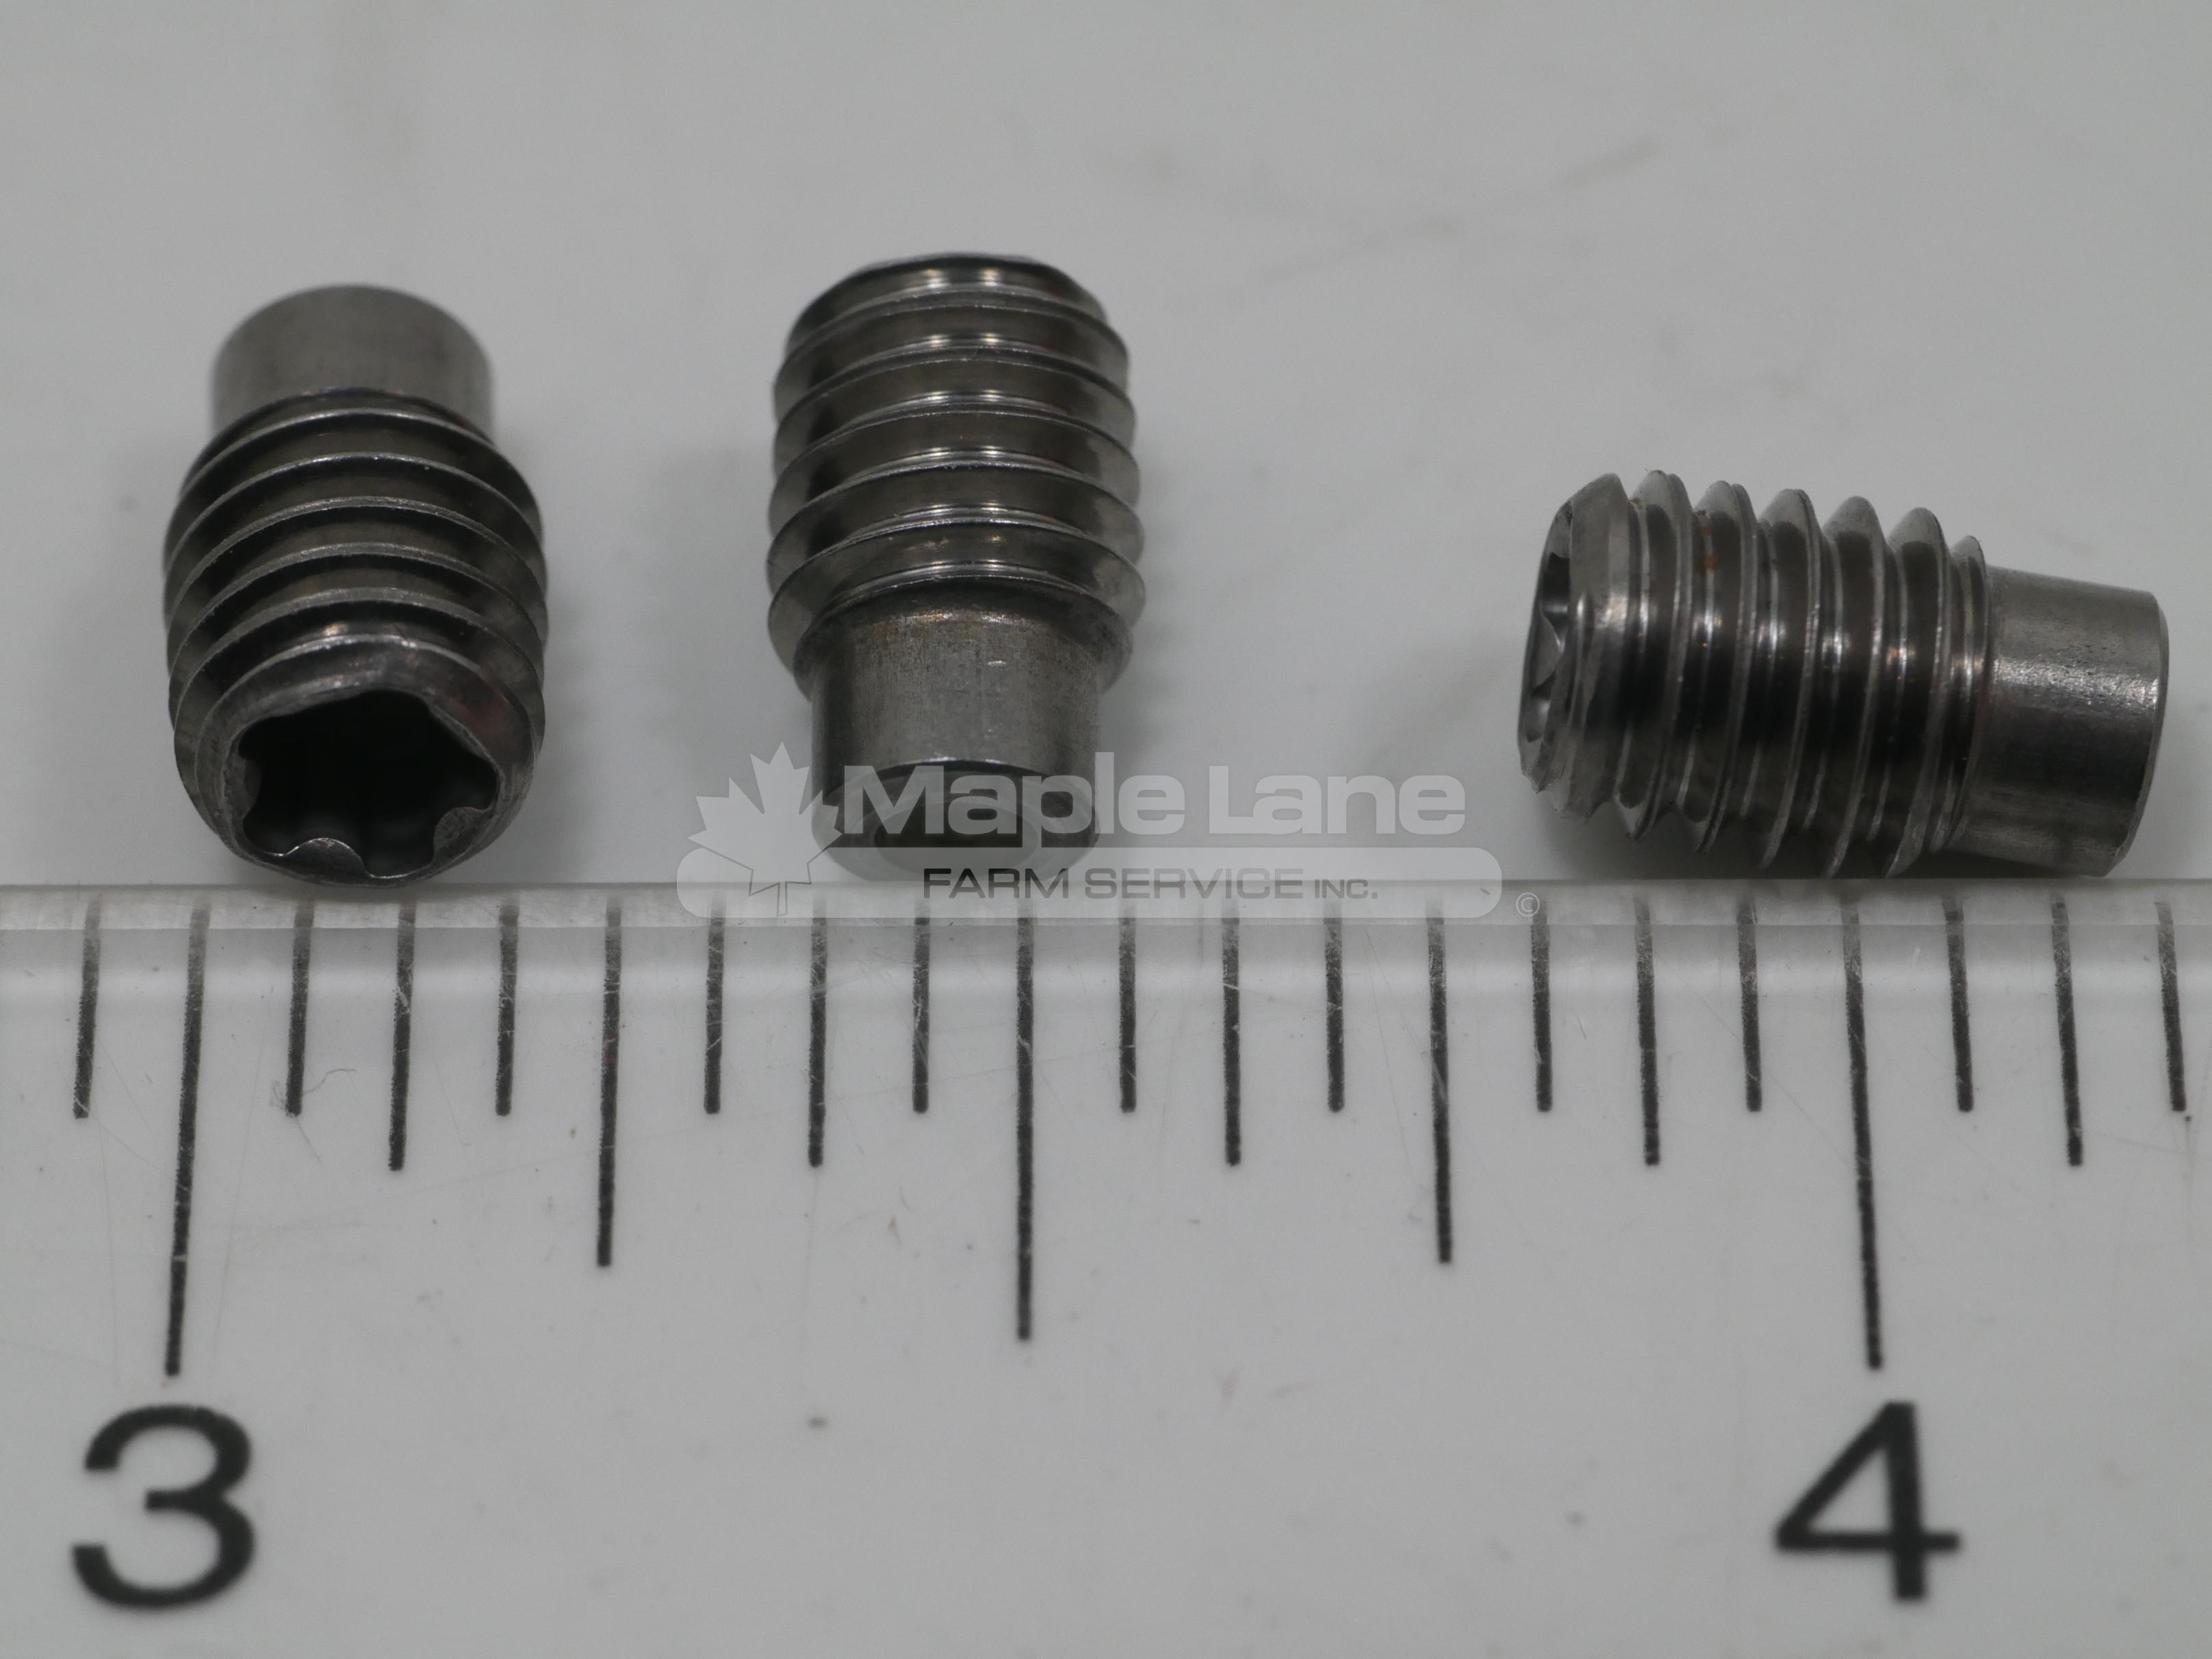 v837079603 kit of plugs